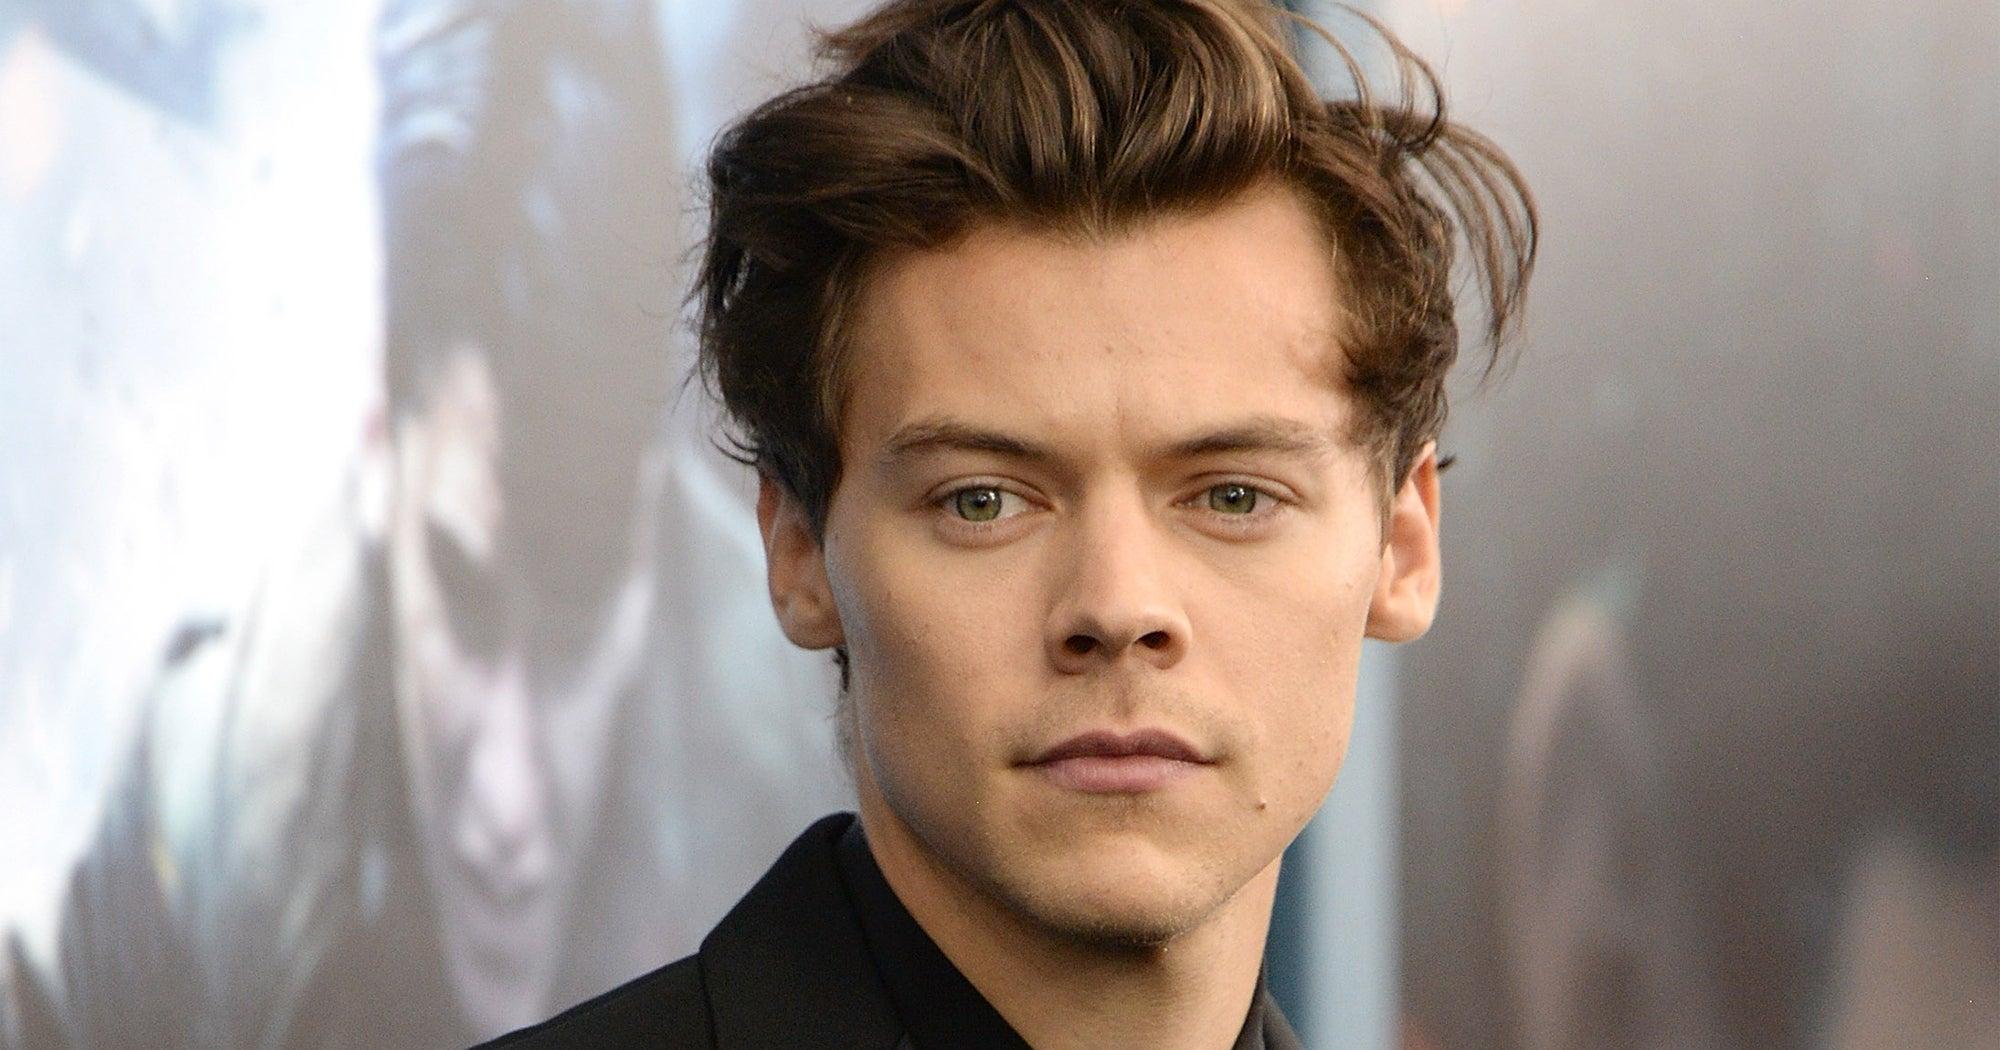 Harry Styles Got New Short Haircut Photo On Fan Twitter